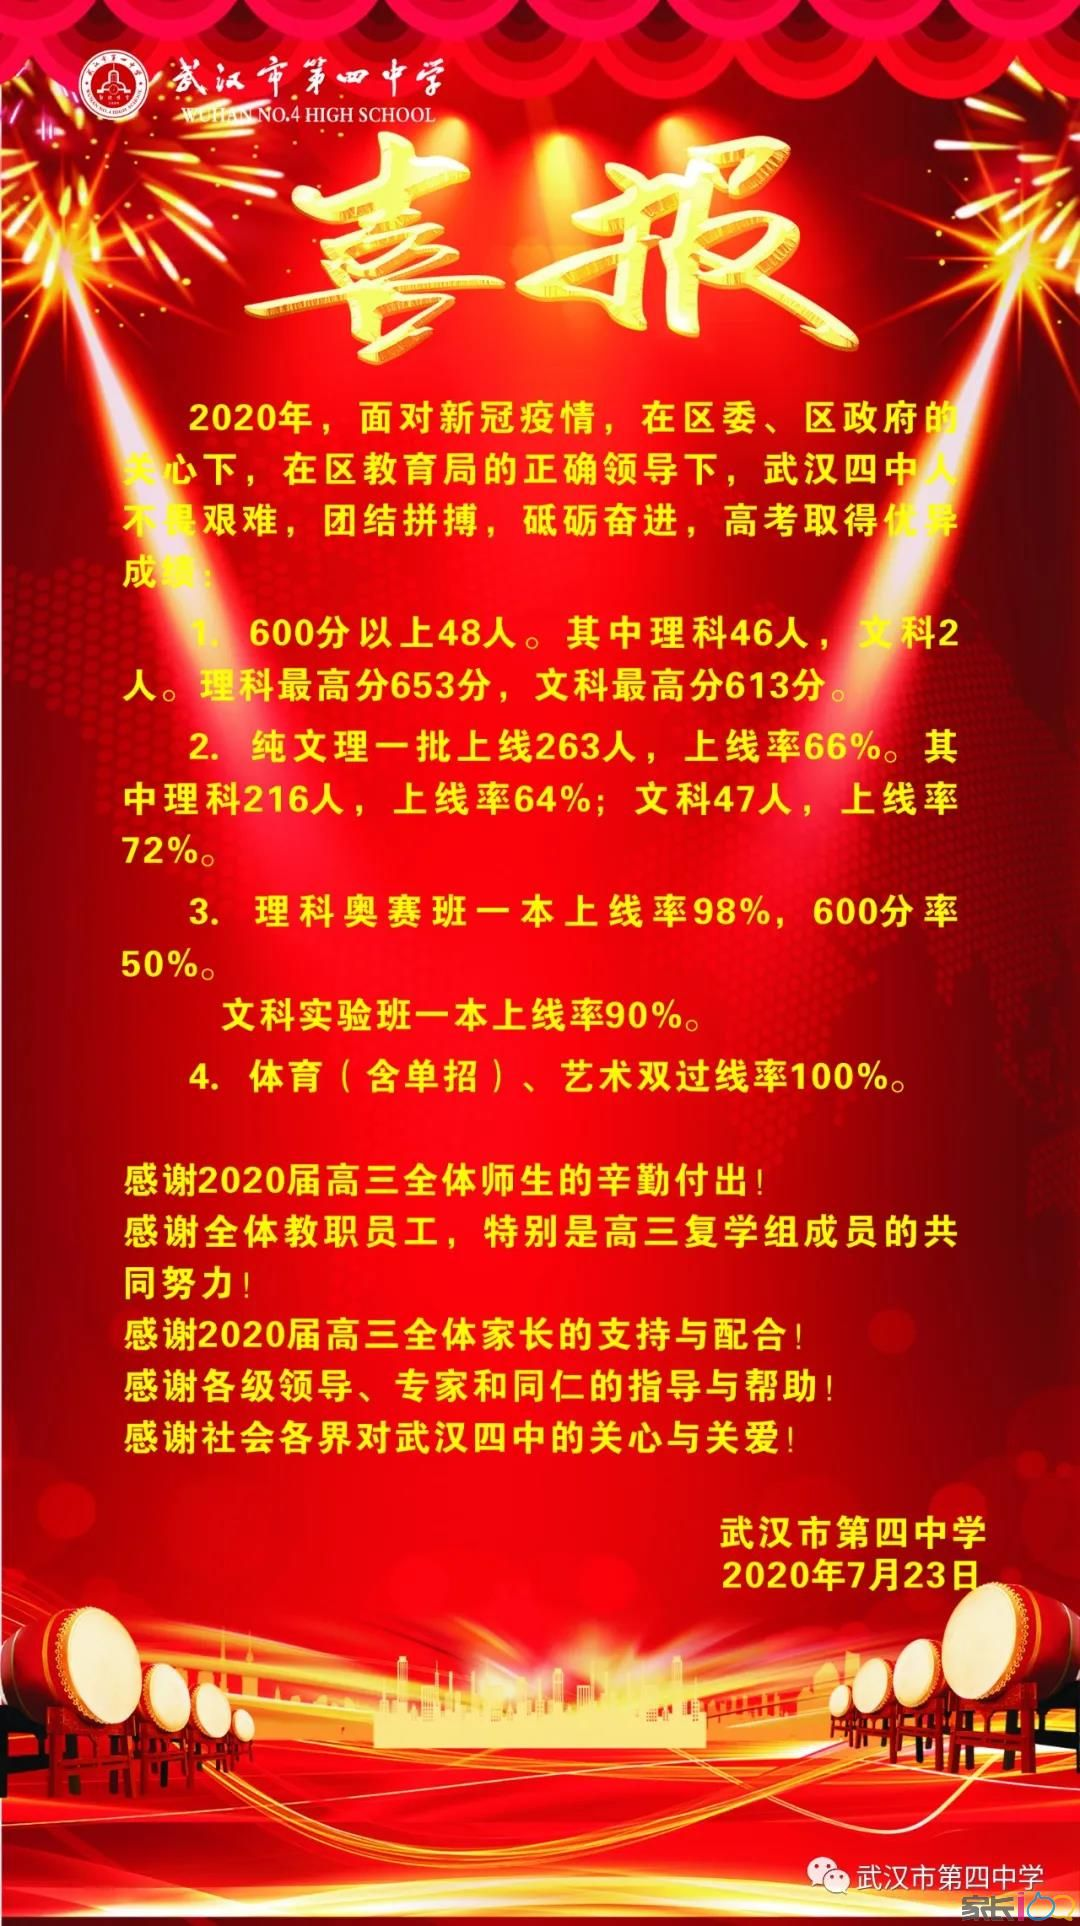 武漢市第四中學2020年高考喜報